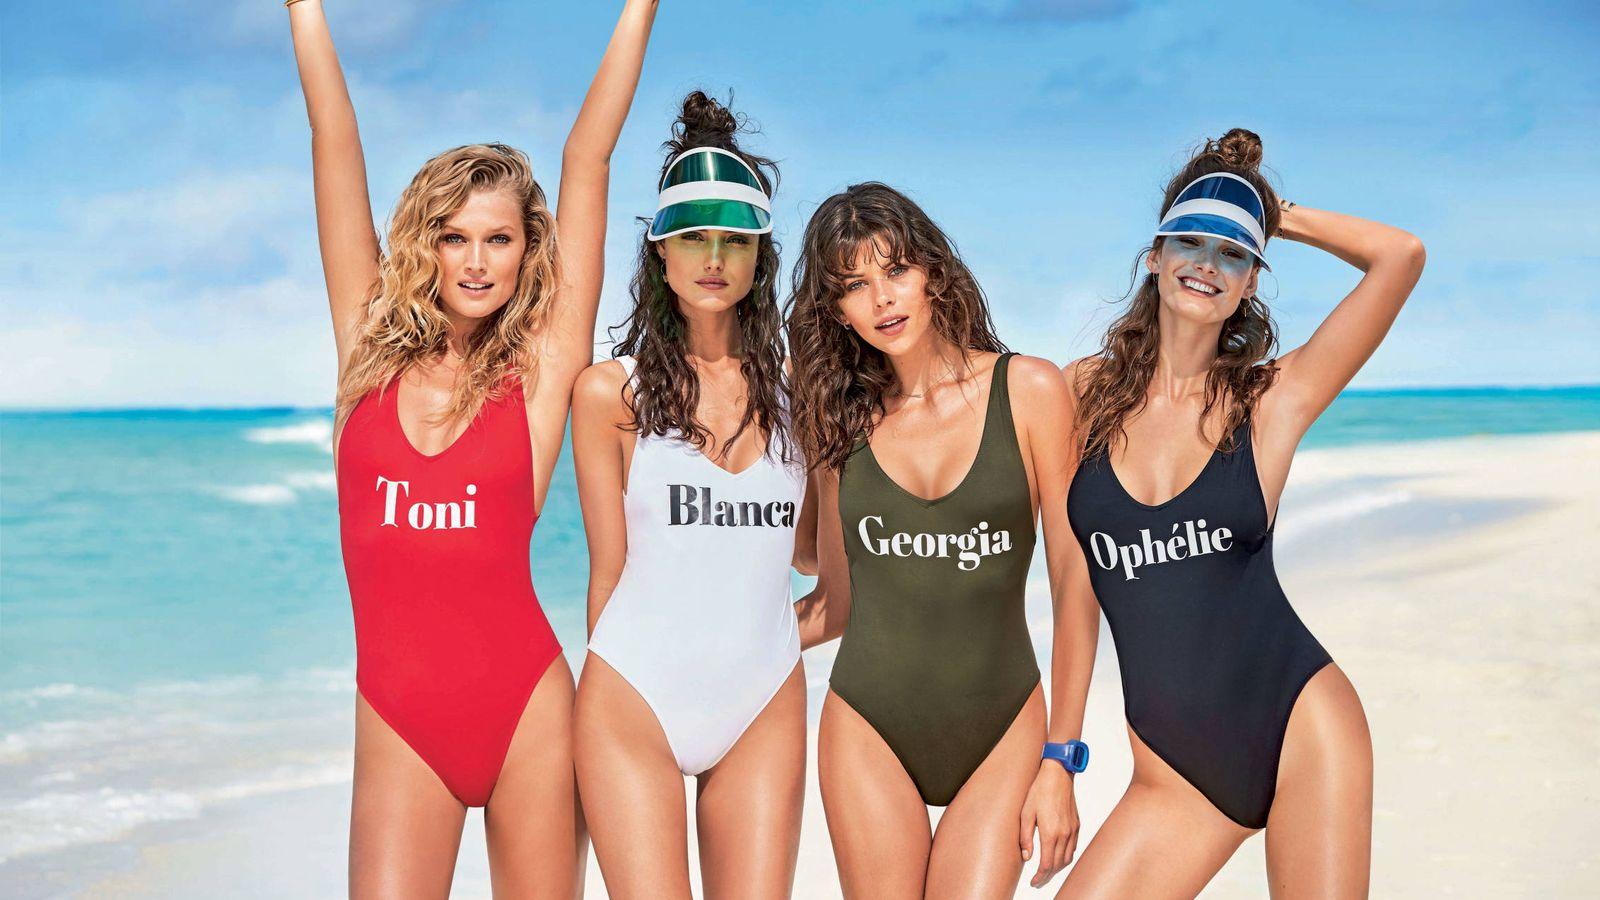 Foto: Aún estás a tiempo de hacerte la depilación láser y poder ir a la playa. (Foto: Calzedonia)